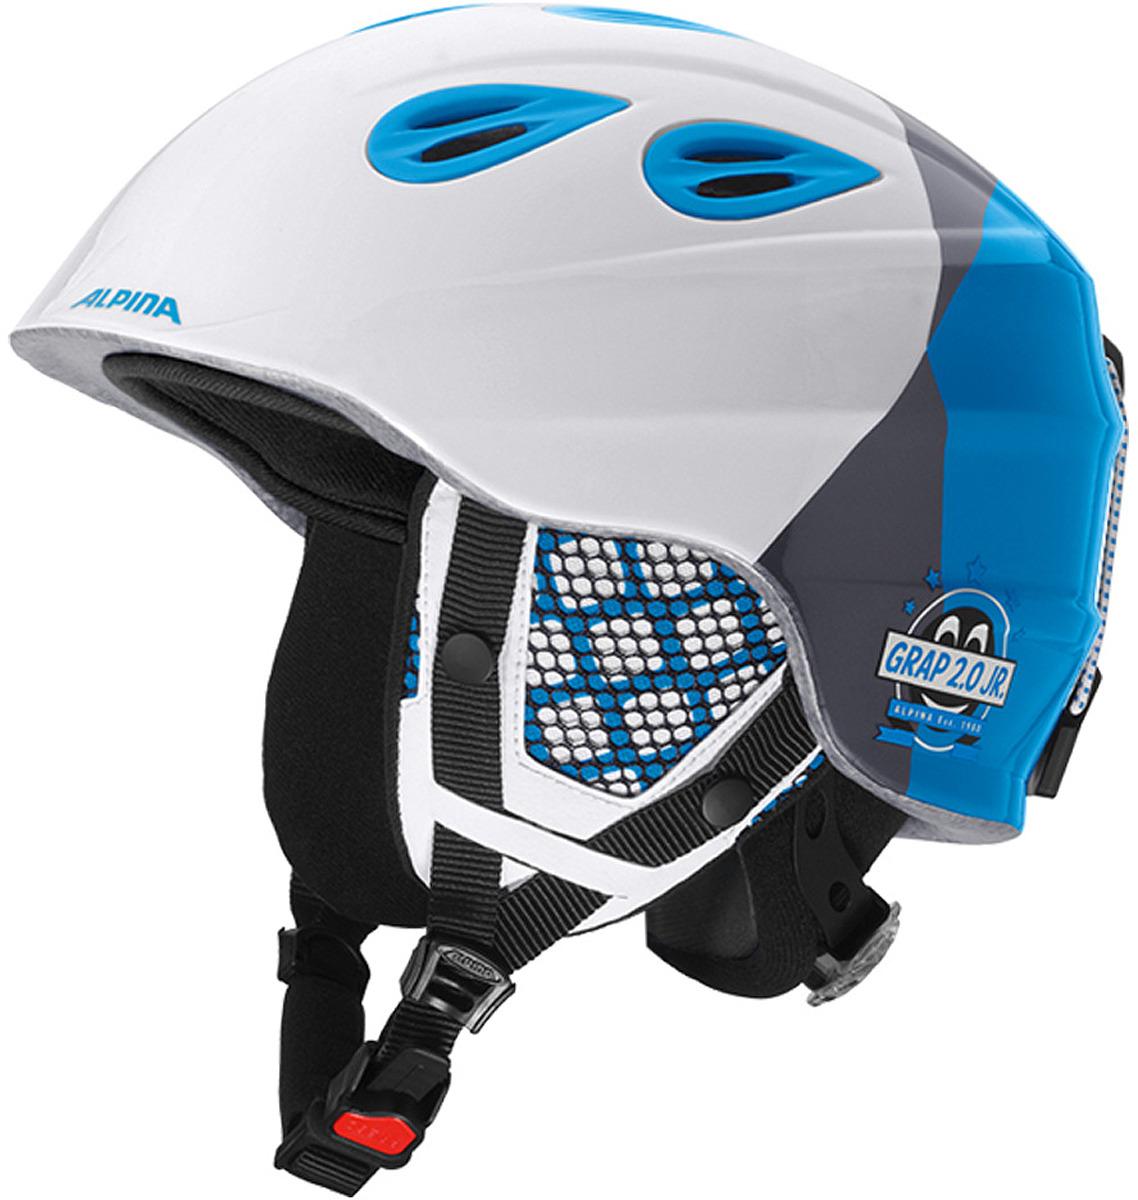 Шлем горнолыжный зимний Alpina Grap 2.0 JR, цвет: белый, серый, голубой. Размер 54-57 см